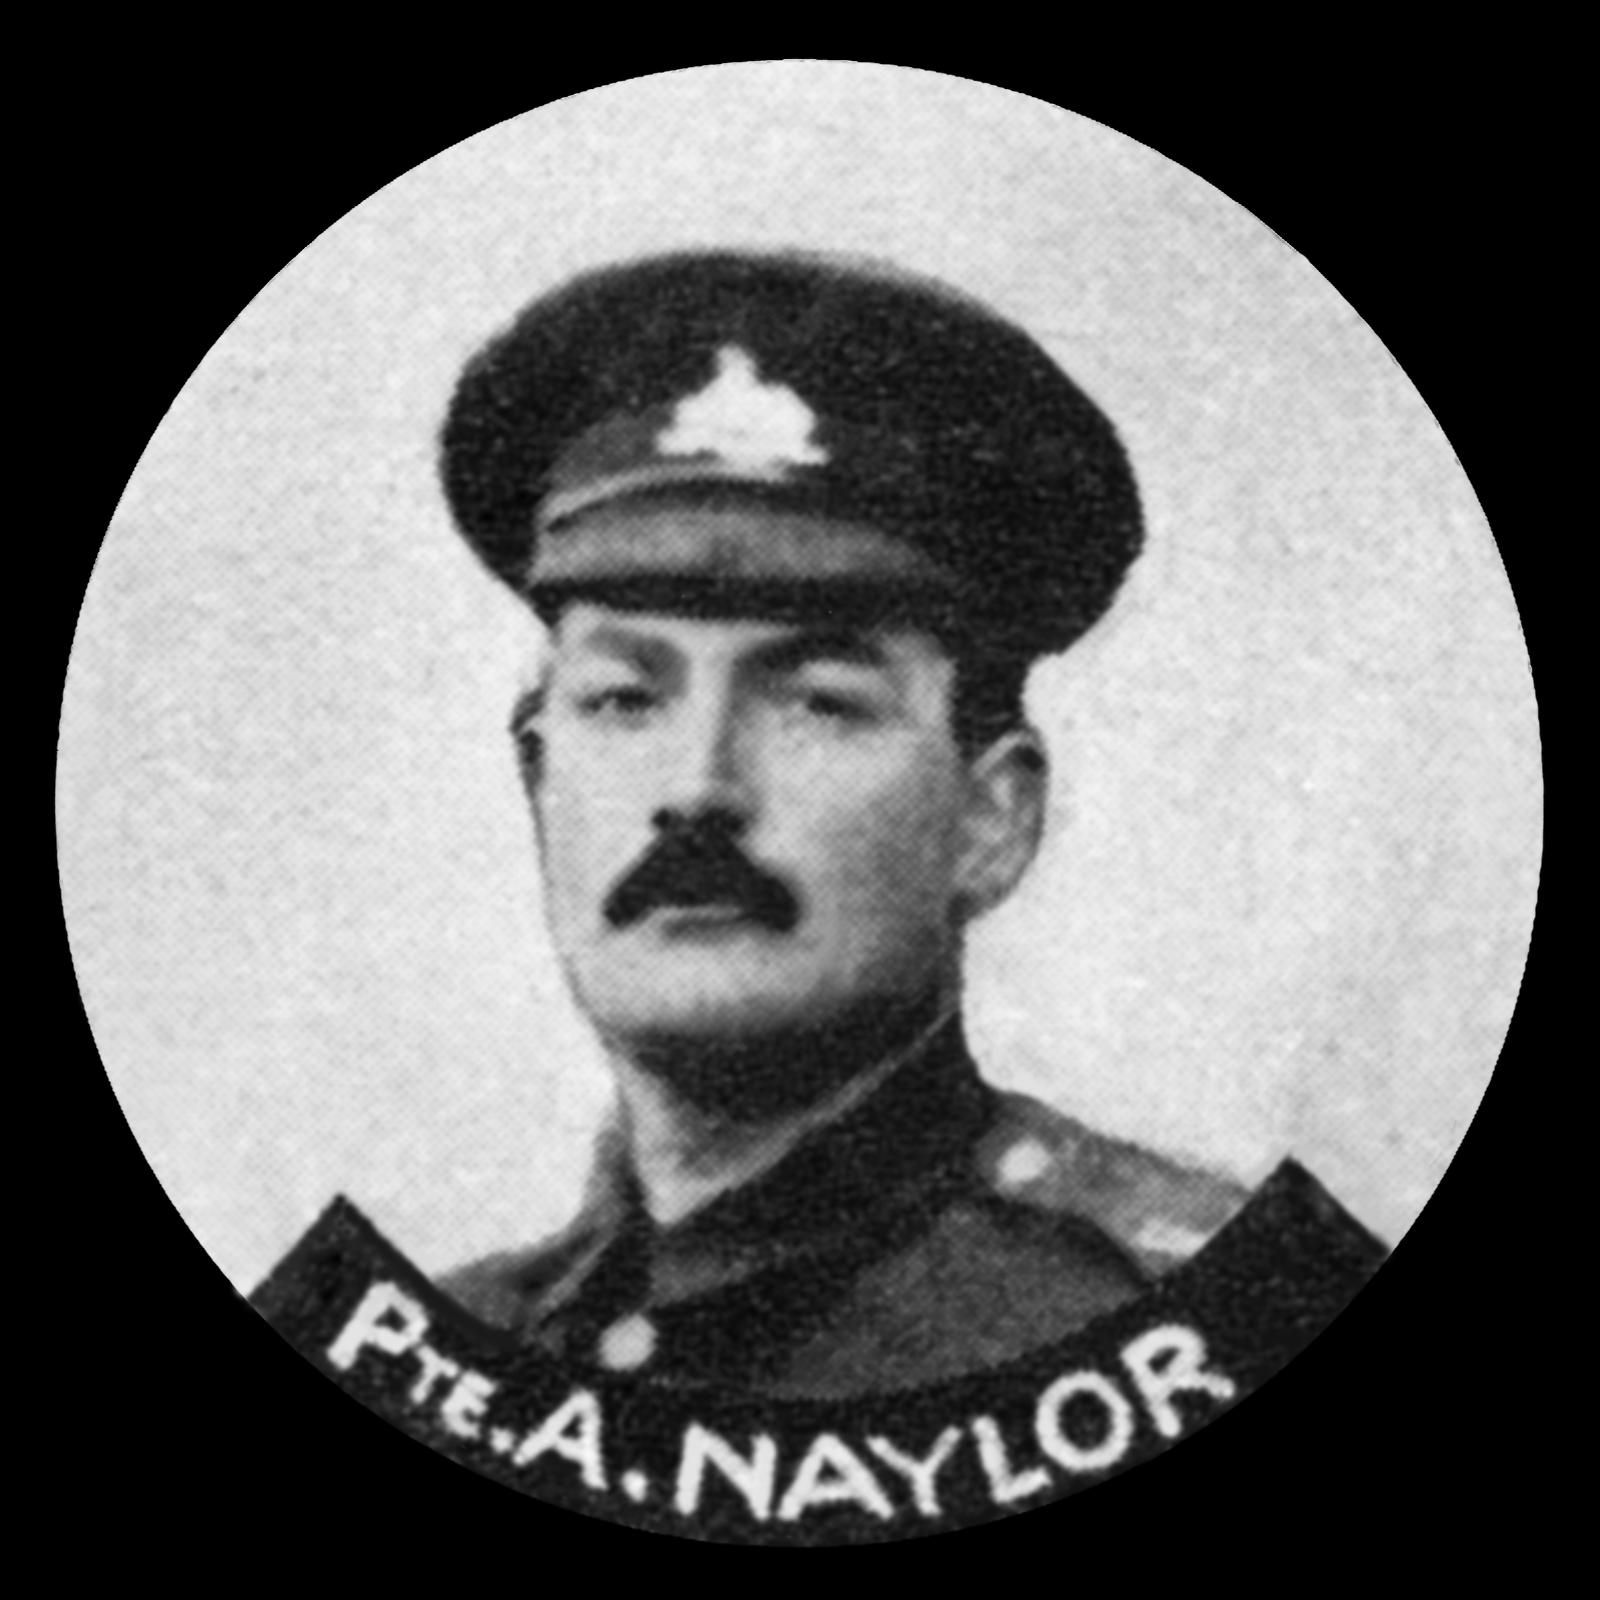 NAYLOR Archibald